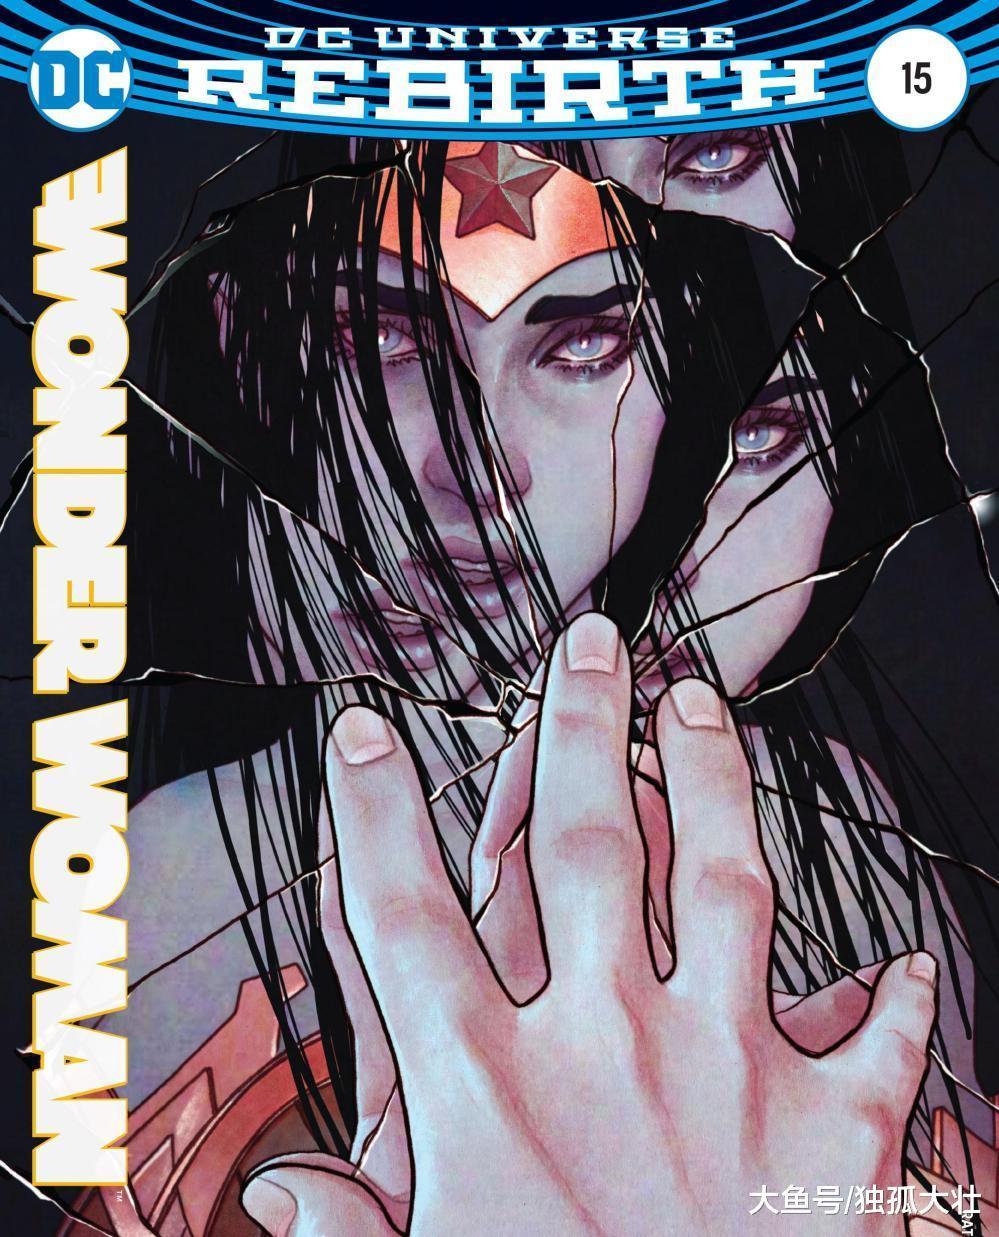 正义联盟三巨头的秘密被揭露, 蝙蝠侠心中最害怕的事情!